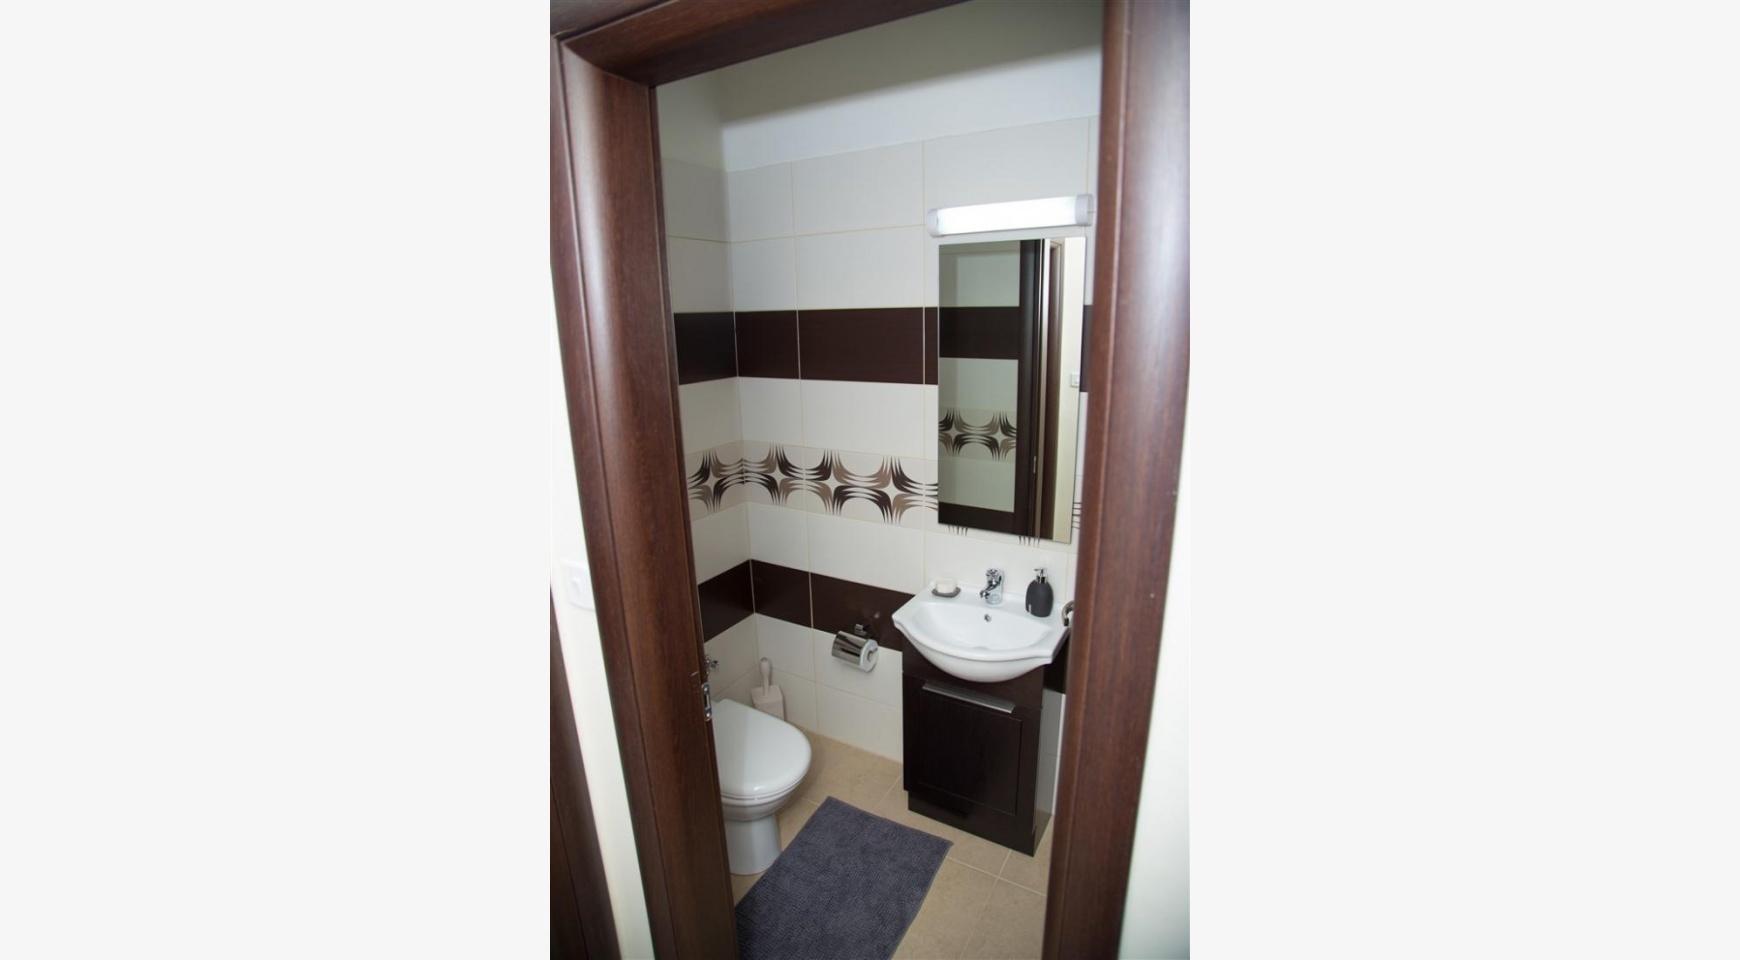 Μοντέρνο διαμέρισμα 2 υπνοδωματίων στην περιοχή Ποταμός Γερμασόγειας - 17